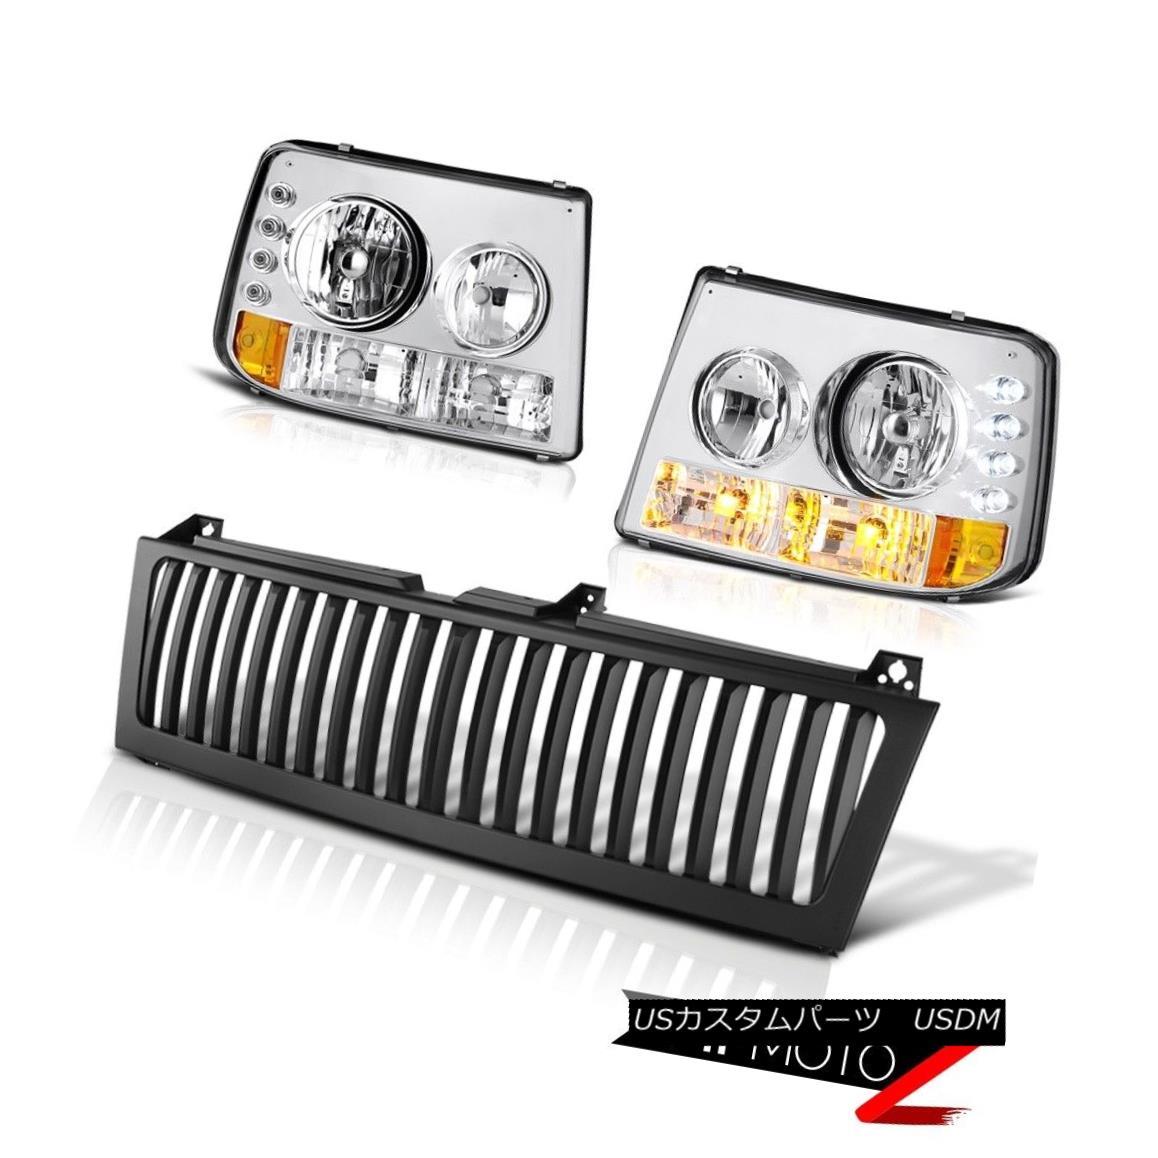 ヘッドライト Suburban 8.1L Euro Chrome Headlight Headlamp Black Grille 2000 2001 02 03 04 05 郊外の8.1Lユーロクロームヘッドライトヘッドランプブラックグリル2000 2001 02 03 04 05